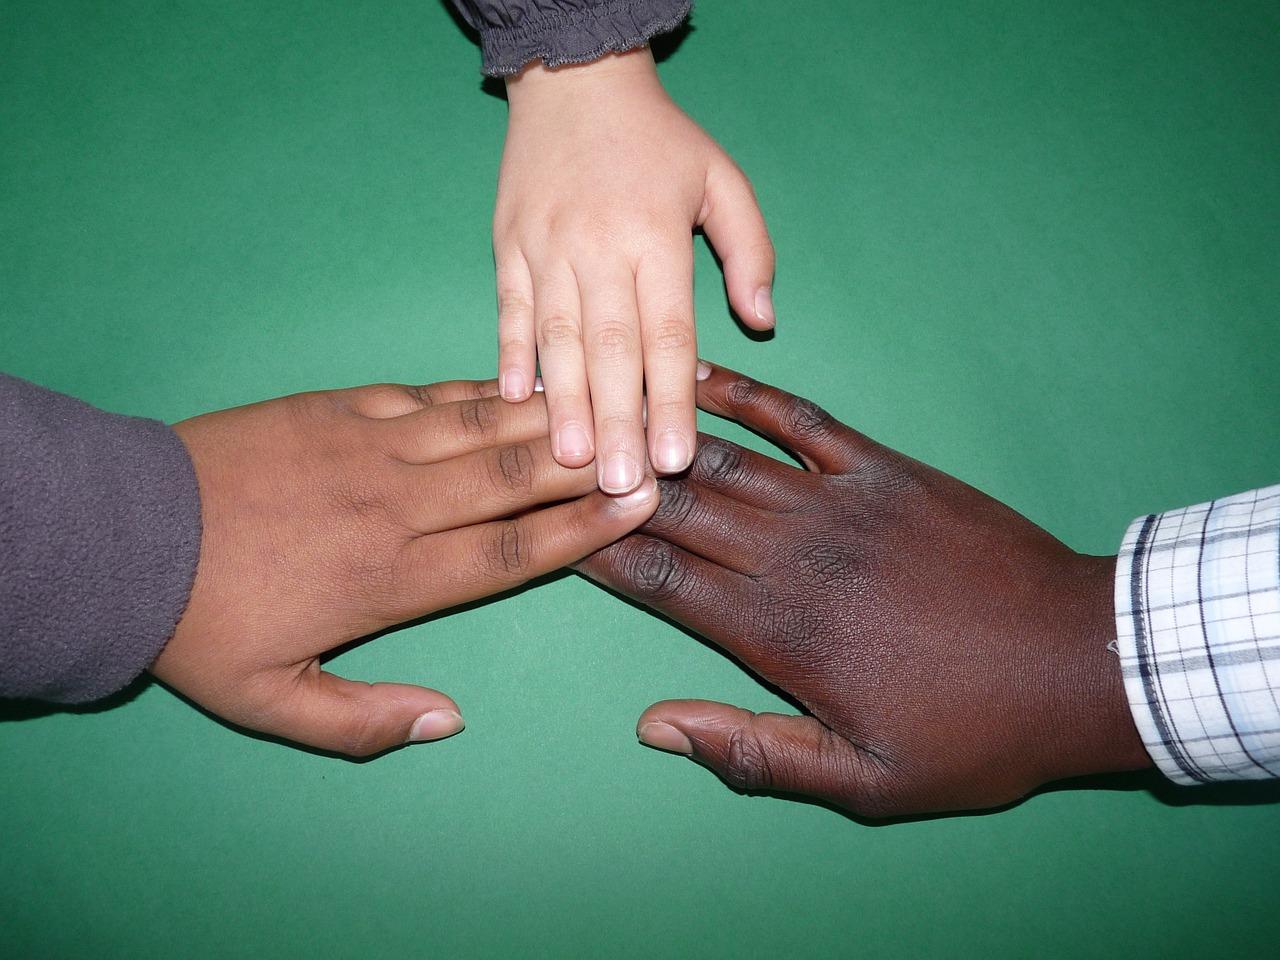 zdjącie przedstawia 3 dziecięce dłonie o różnych kolorach skóry